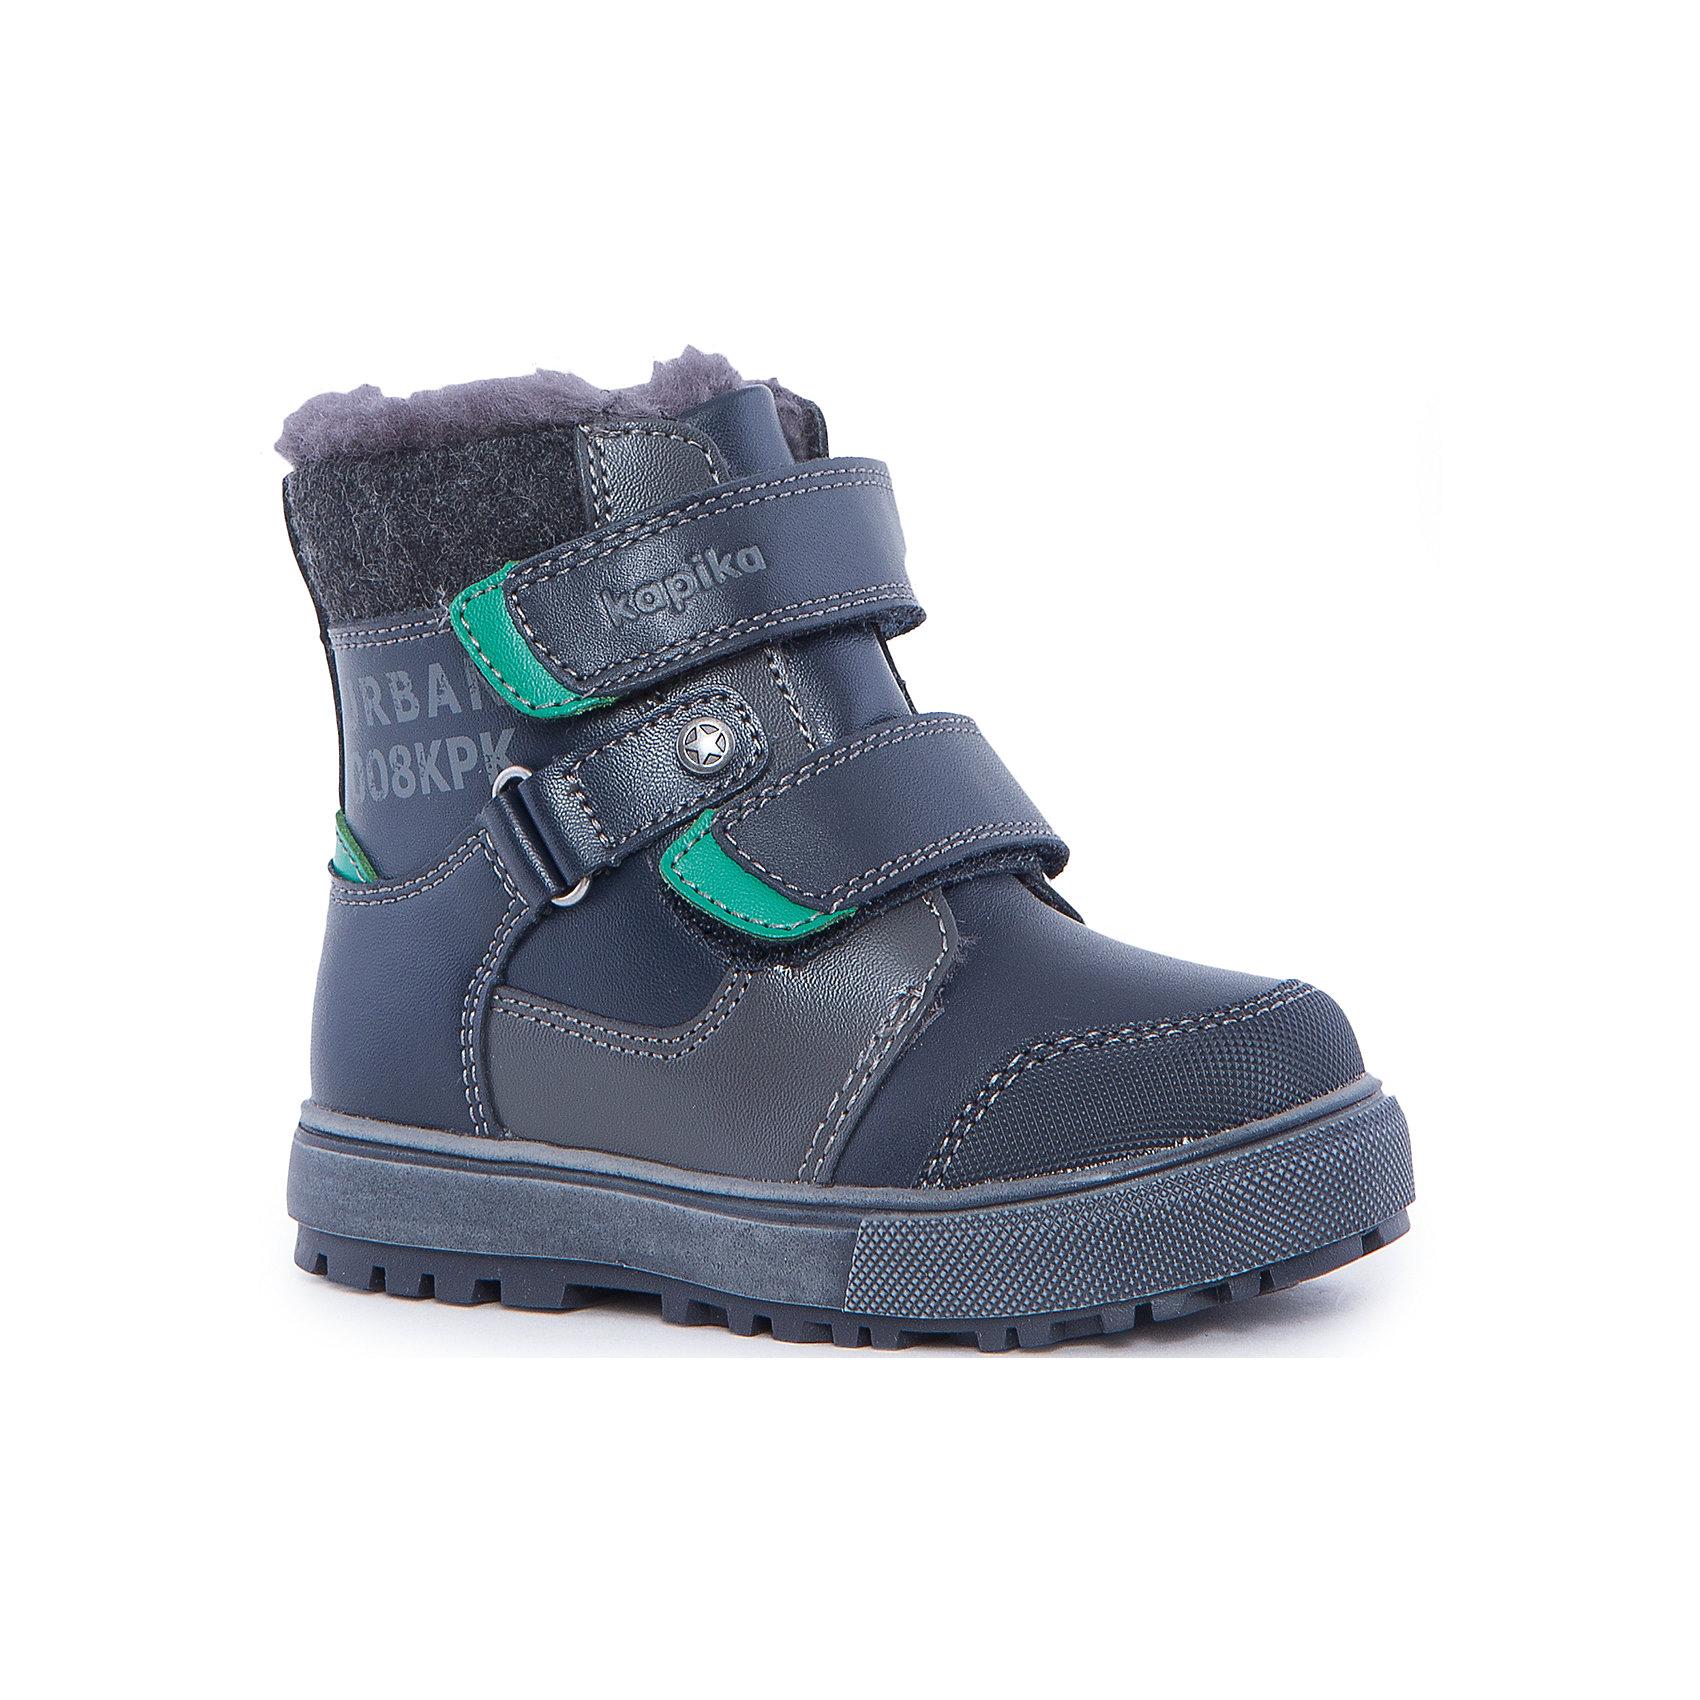 Ботинки для мальчика KAPIKAОбувь для малышей<br>Ботинки для мальчика KAPIKA.<br><br>Температурный режим: до -20 градусов. Степень утепления – средняя. <br><br>* Температурный режим указан приблизительно — необходимо, прежде всего, ориентироваться на ощущения ребенка. <br> <br>Красивые модные сапоги сделаны из натуральной кожи. Внутри также натуральный материал – овчина. Мех очень густой, поэтому сапоги подойдут на очень холодную погоду. Прорезиненная подошва и носок с защитой от стирания и попадания влаги. Застегиваются на молнию и фиксируются по ноге с помощью липучек.<br><br>Дополнительная информация:<br><br>- материал верха: натуральная кожа, натуральная замша<br>- материал подкладки: натуральный мех<br>- цвет: черный<br><br>Ботинки для мальчика KAPIKA можно купить в нашем интернет магазине.<br><br>Ширина мм: 262<br>Глубина мм: 176<br>Высота мм: 97<br>Вес г: 427<br>Цвет: синий<br>Возраст от месяцев: 18<br>Возраст до месяцев: 21<br>Пол: Мужской<br>Возраст: Детский<br>Размер: 23,27,24,25,26<br>SKU: 4988133